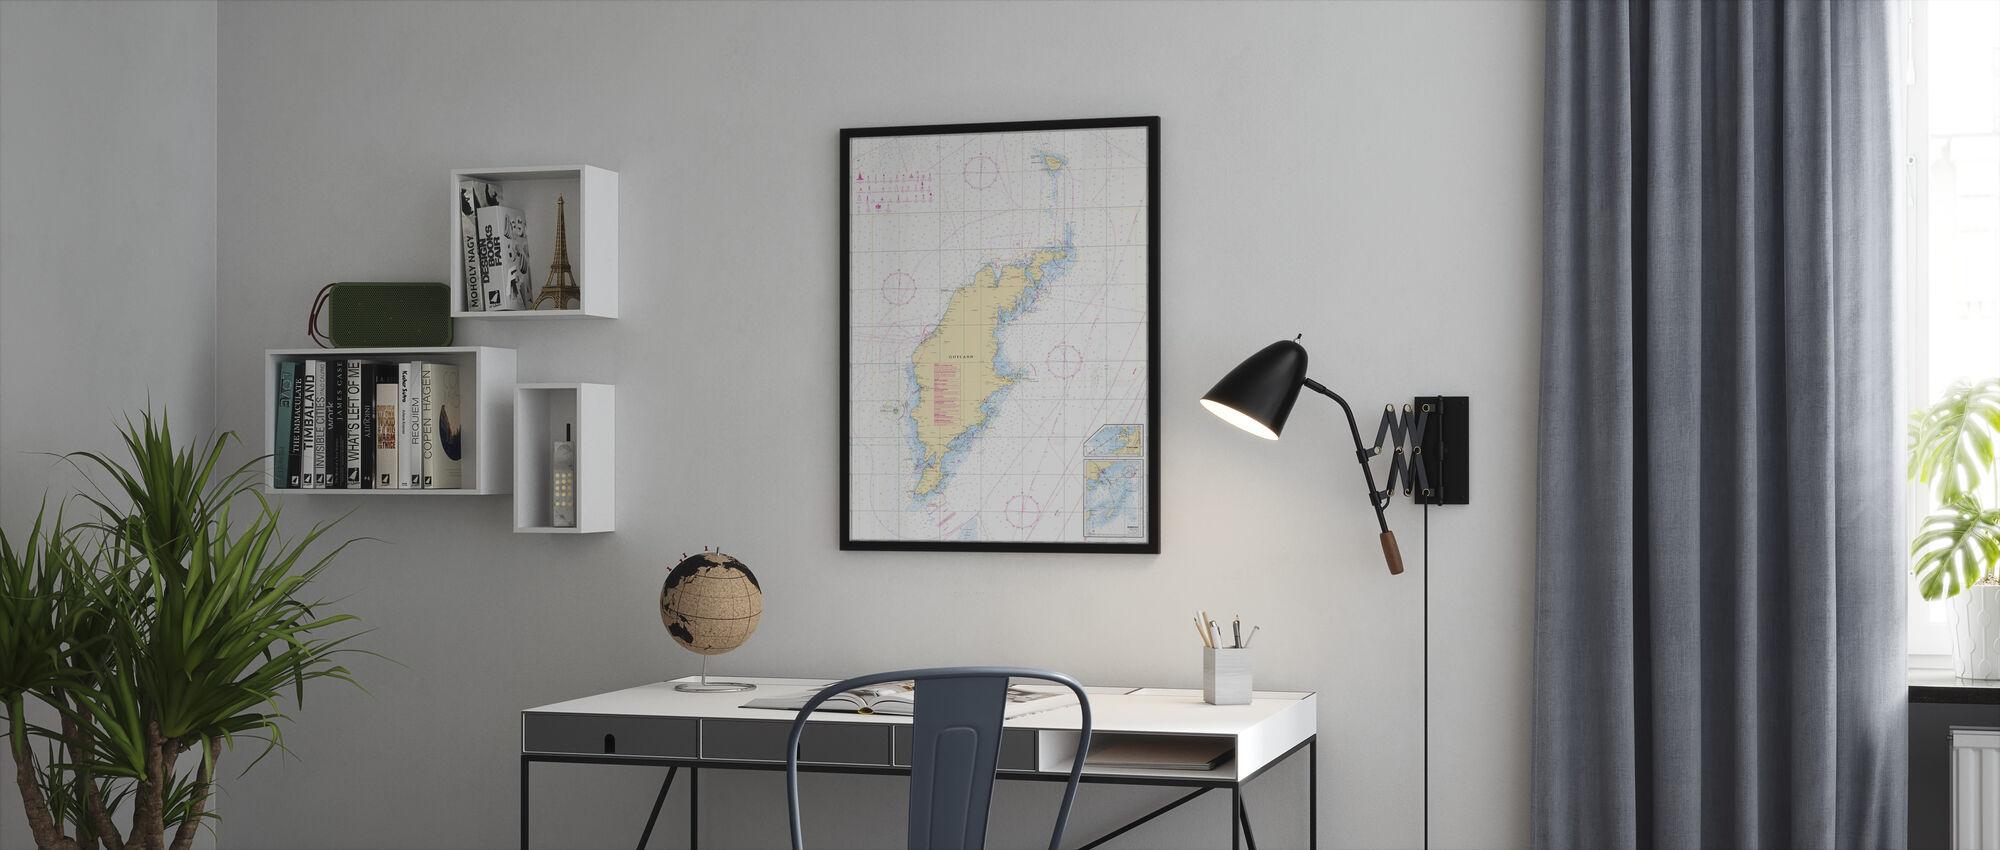 Zeekaart 73 - Gotland - Ingelijste print - Kantoor